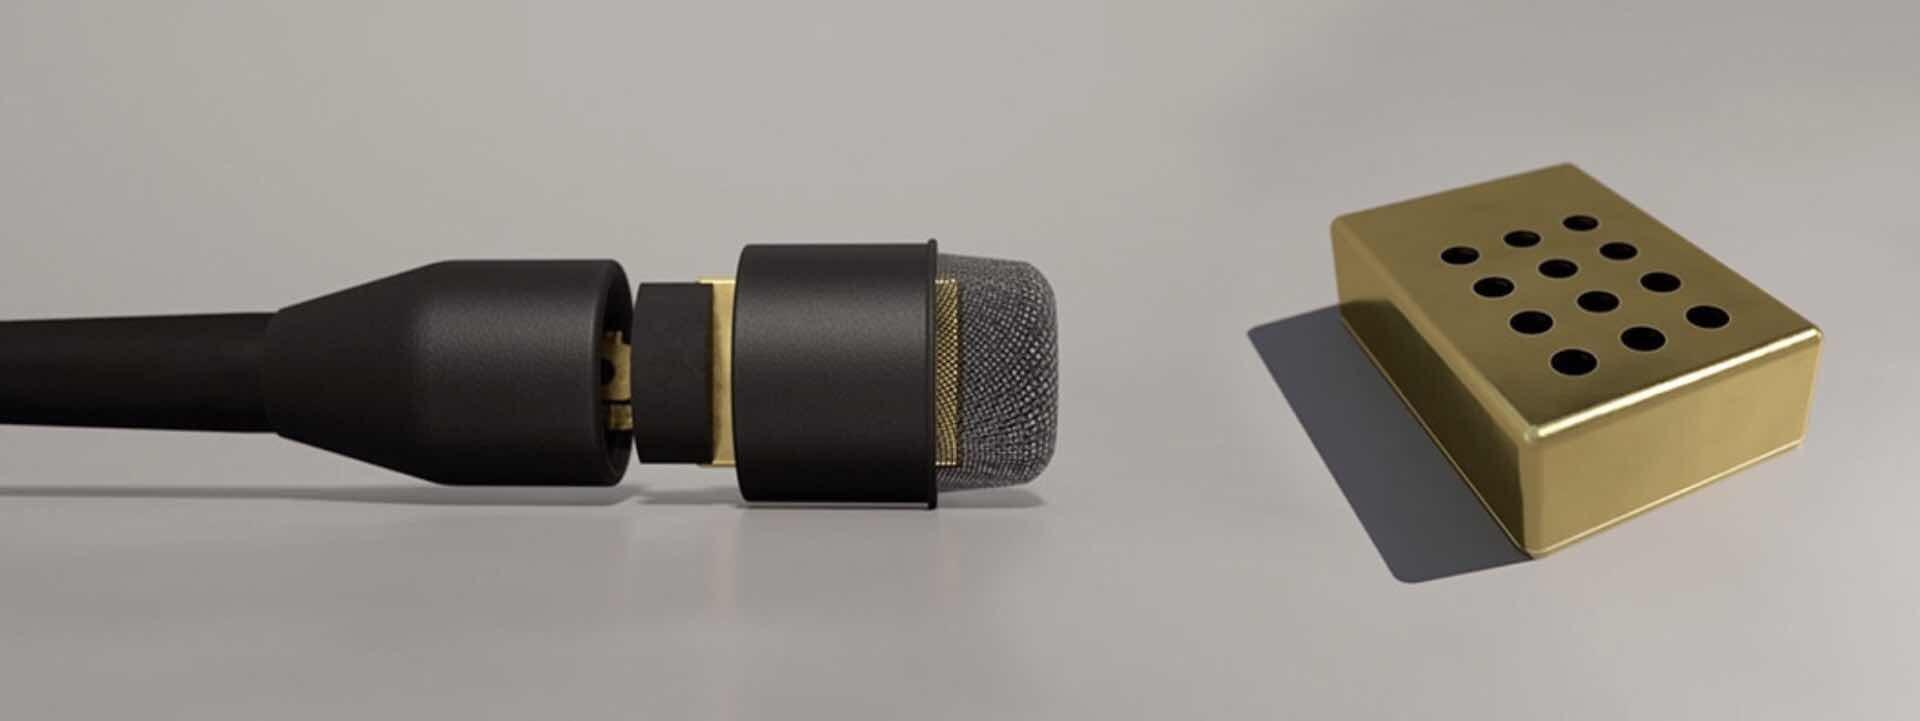 dpa-dscreet-4060-omni-mini-lavalier-microphone-grids